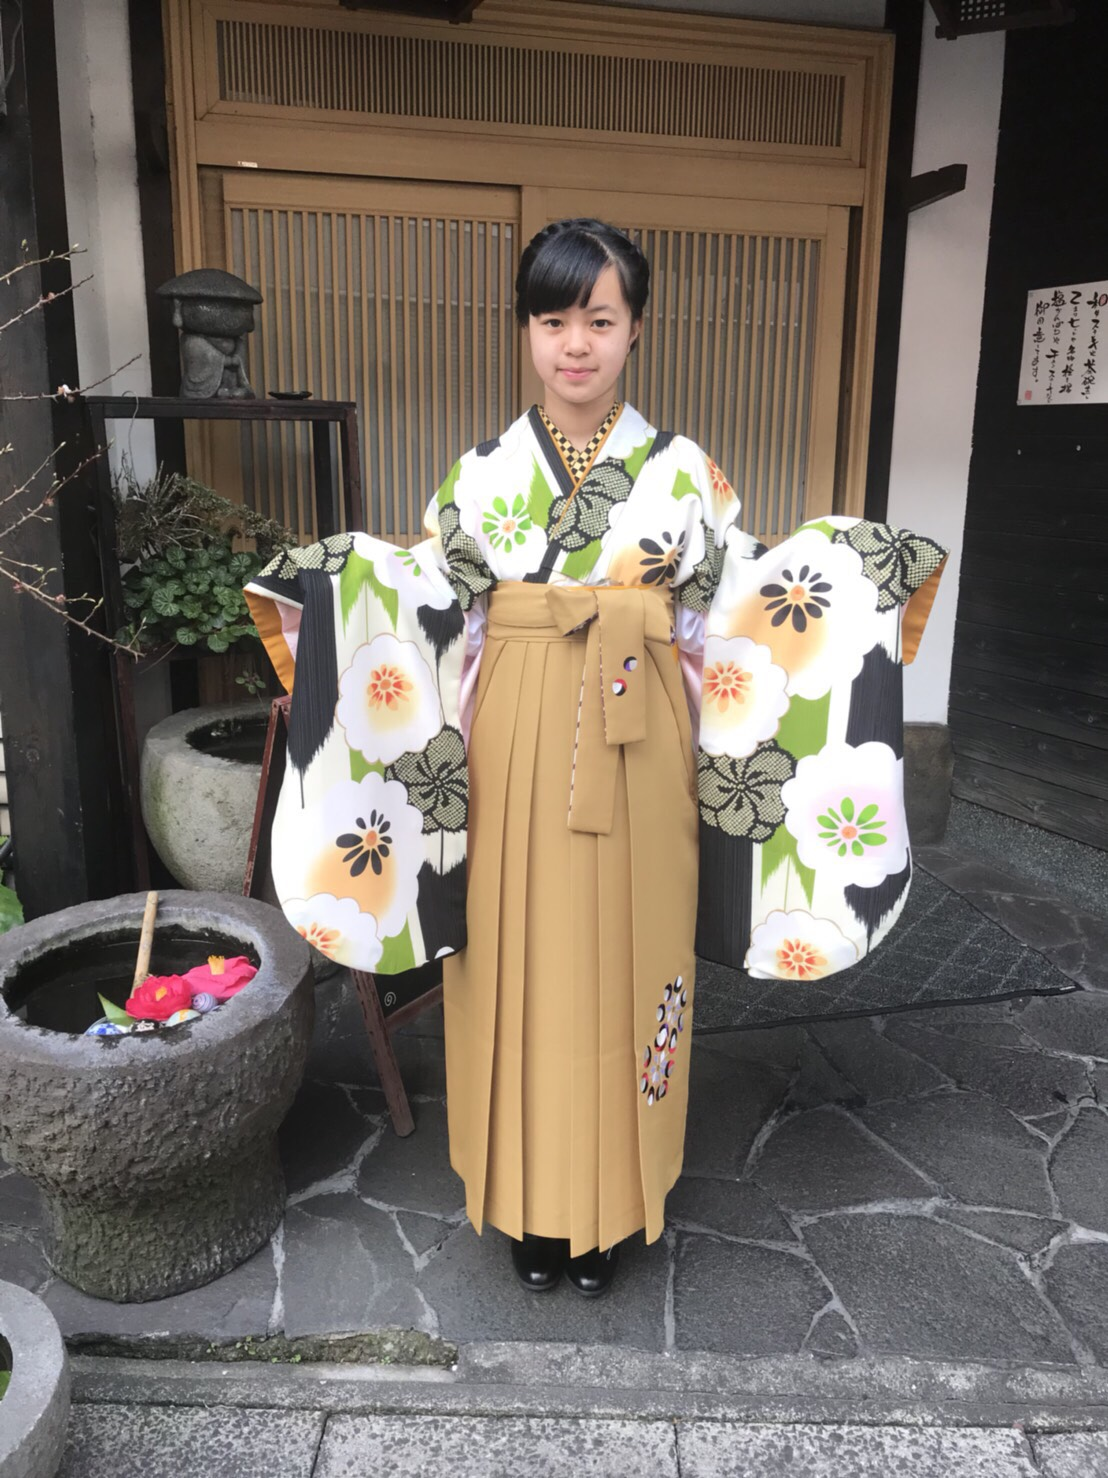 【袴】とっても可愛い袴でした